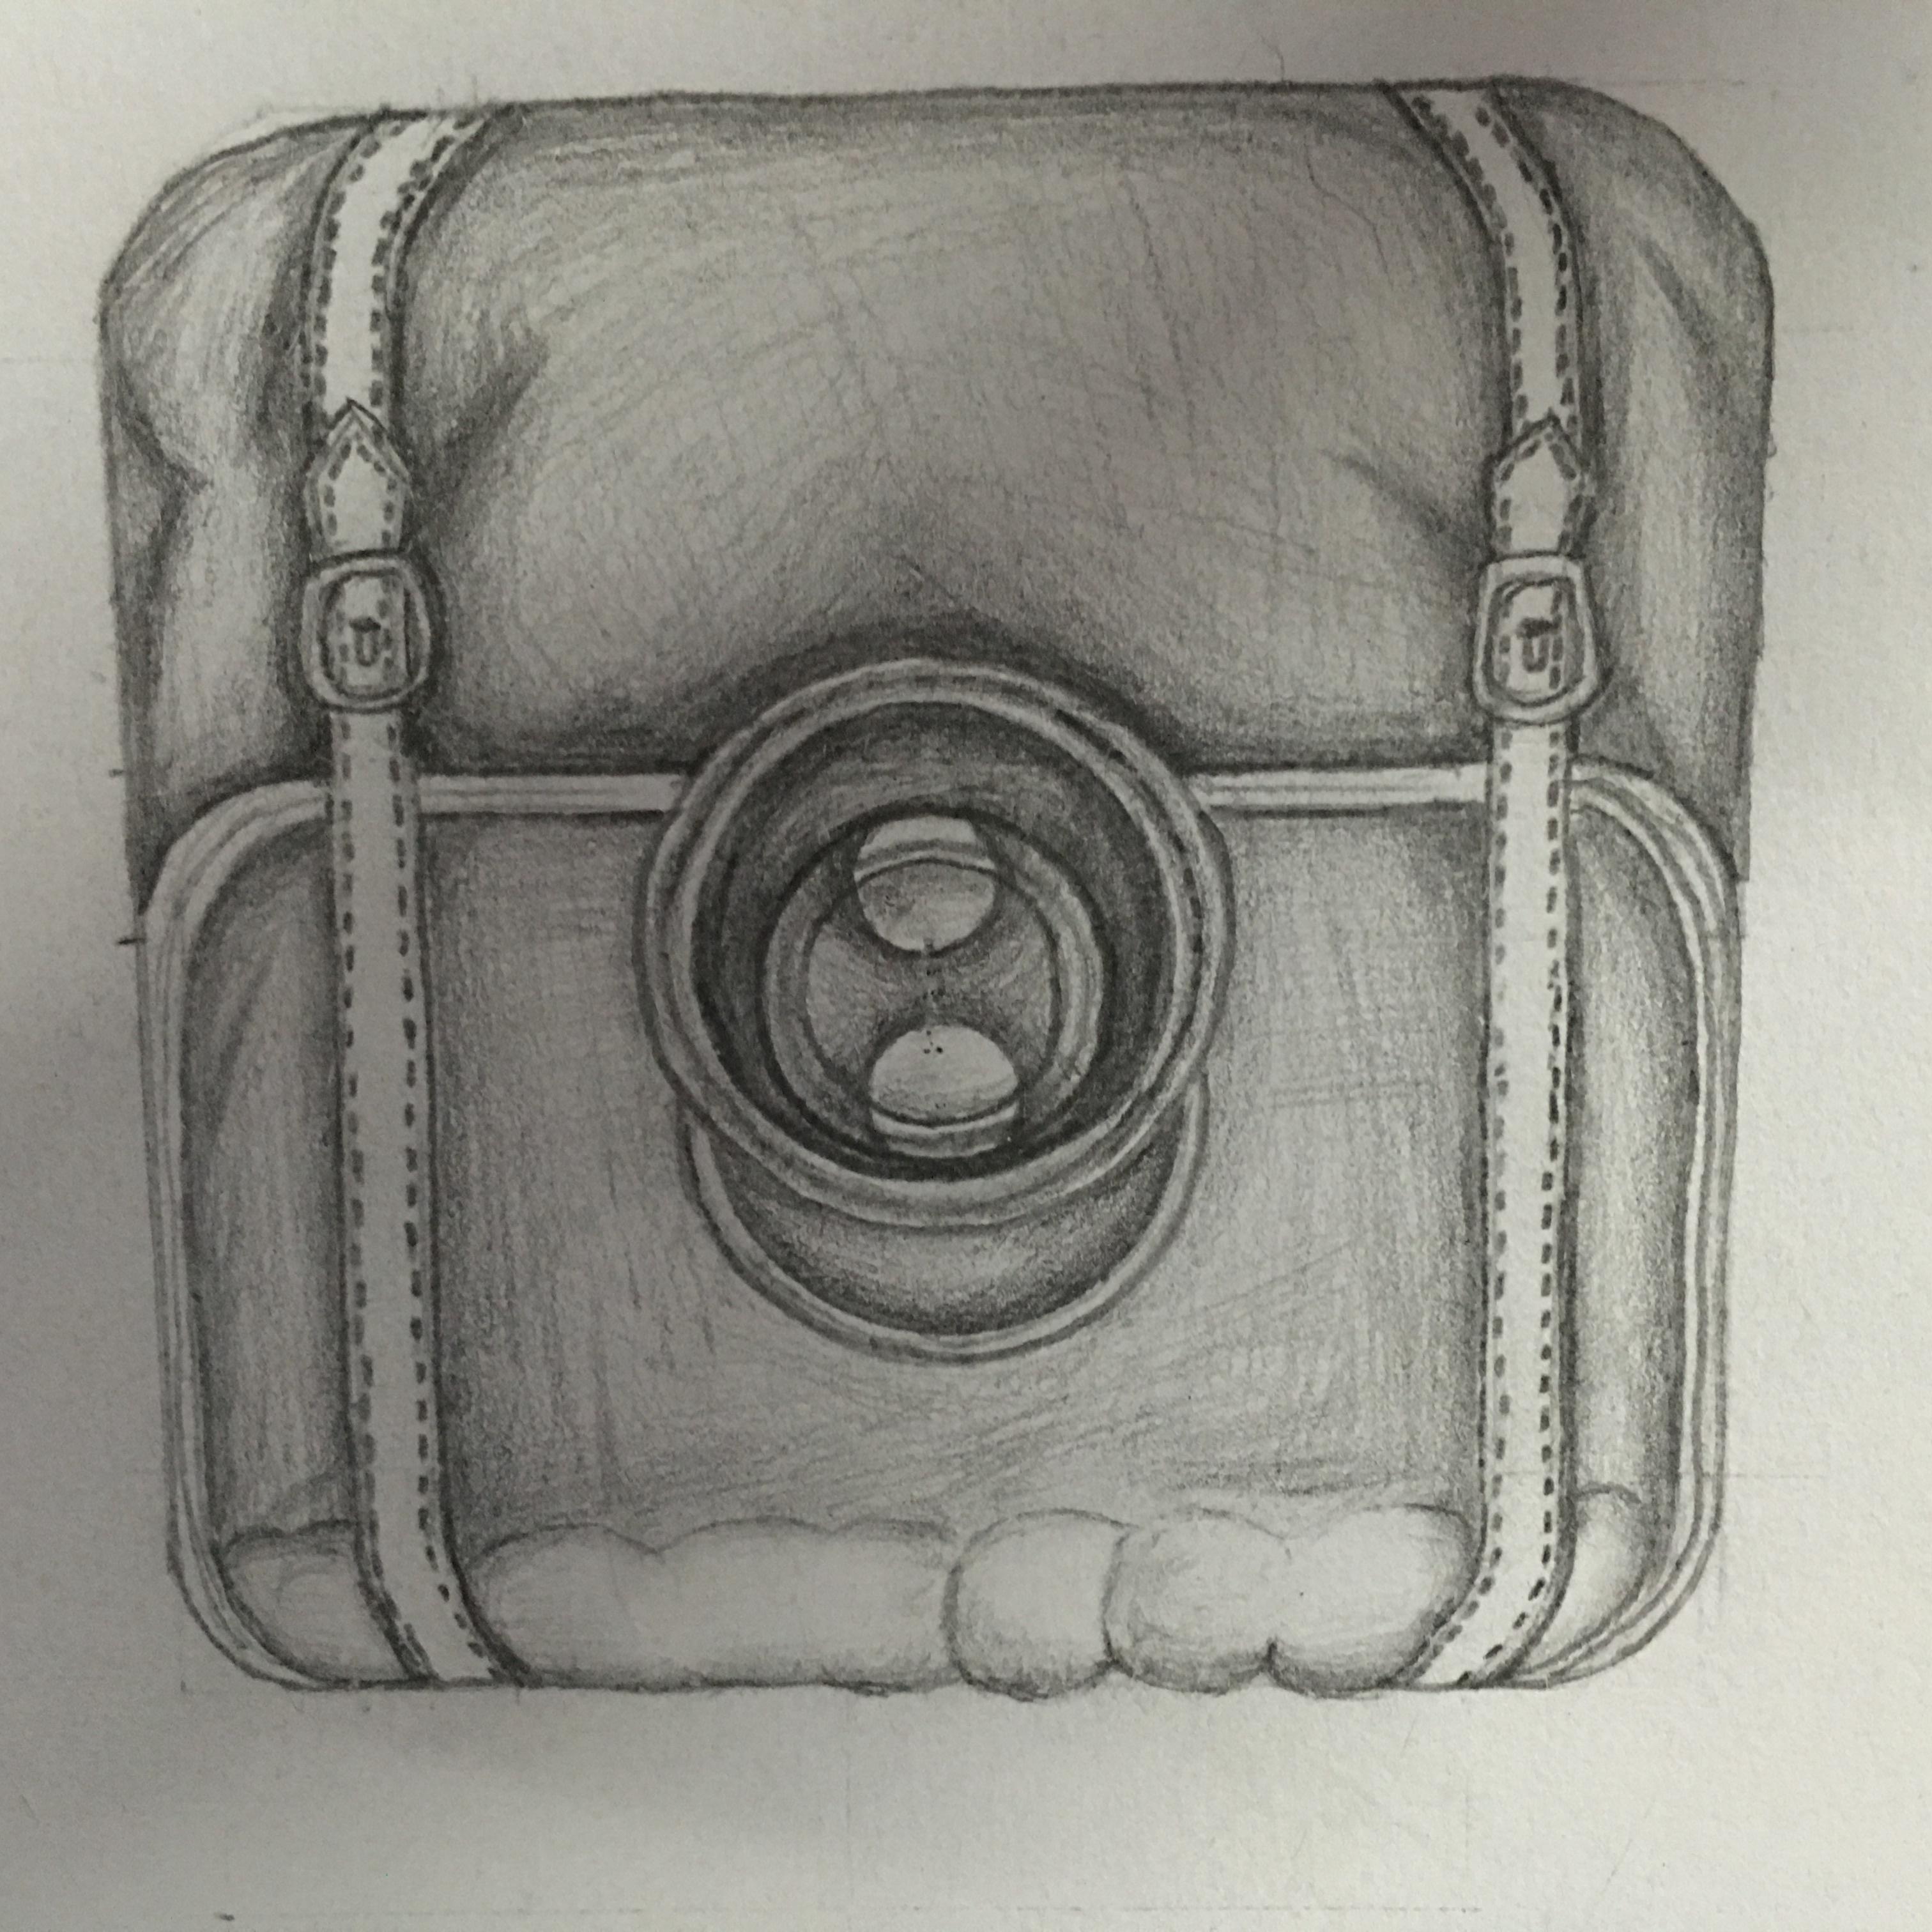 手绘练习 ui 图标 安妮来酷酷 - 原创作品 - 站酷